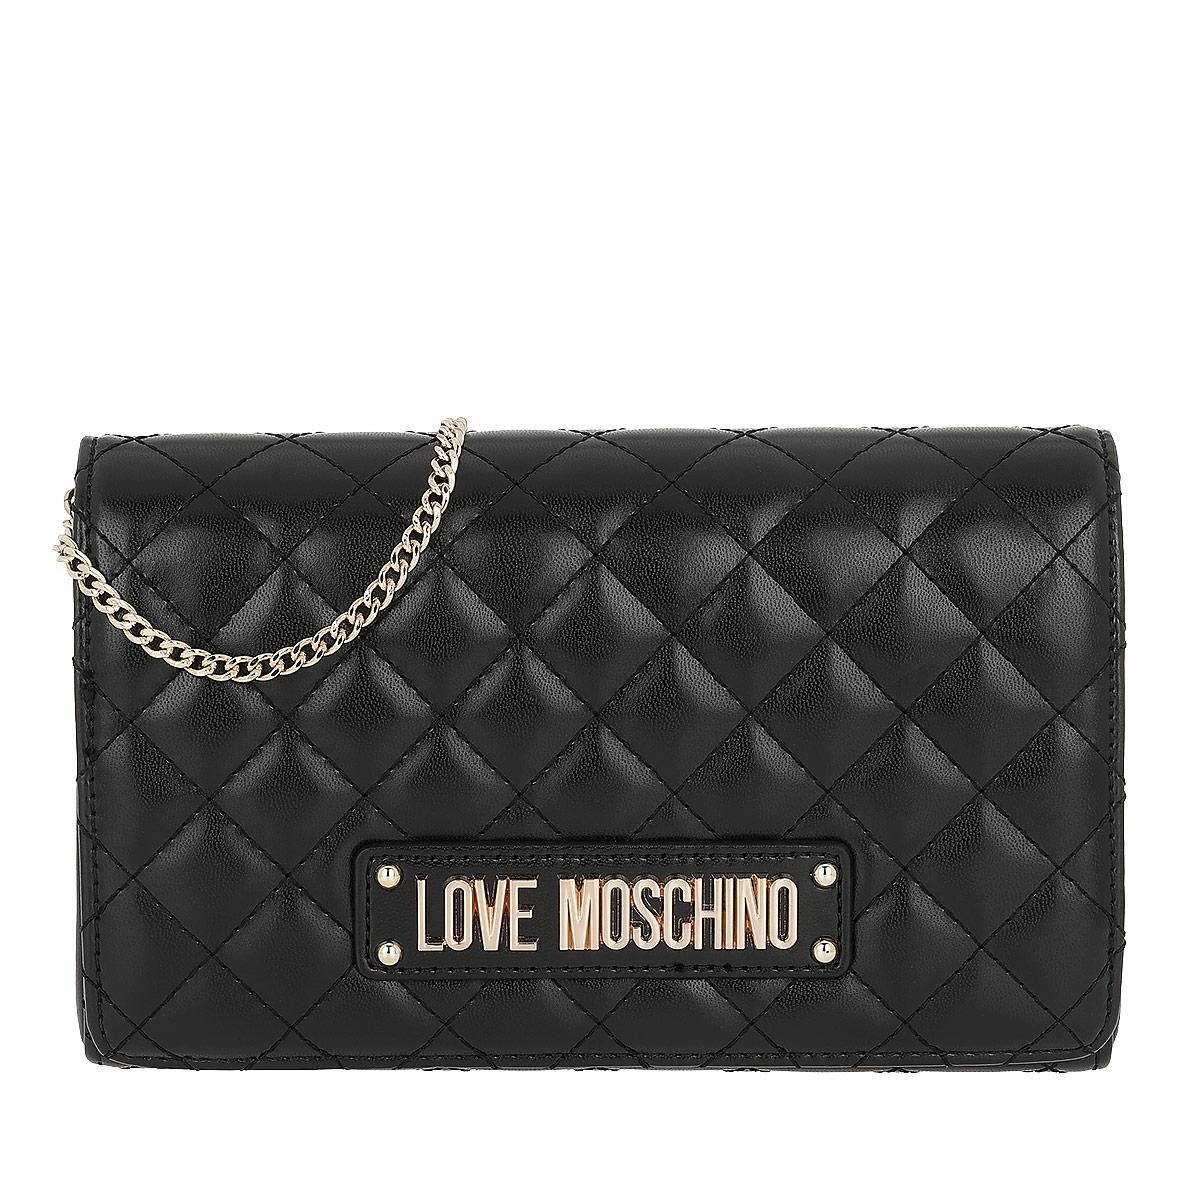 Love Moschino Umhängetasche - Quilted Crossbody Bag Nero - in schwarz - für Damen